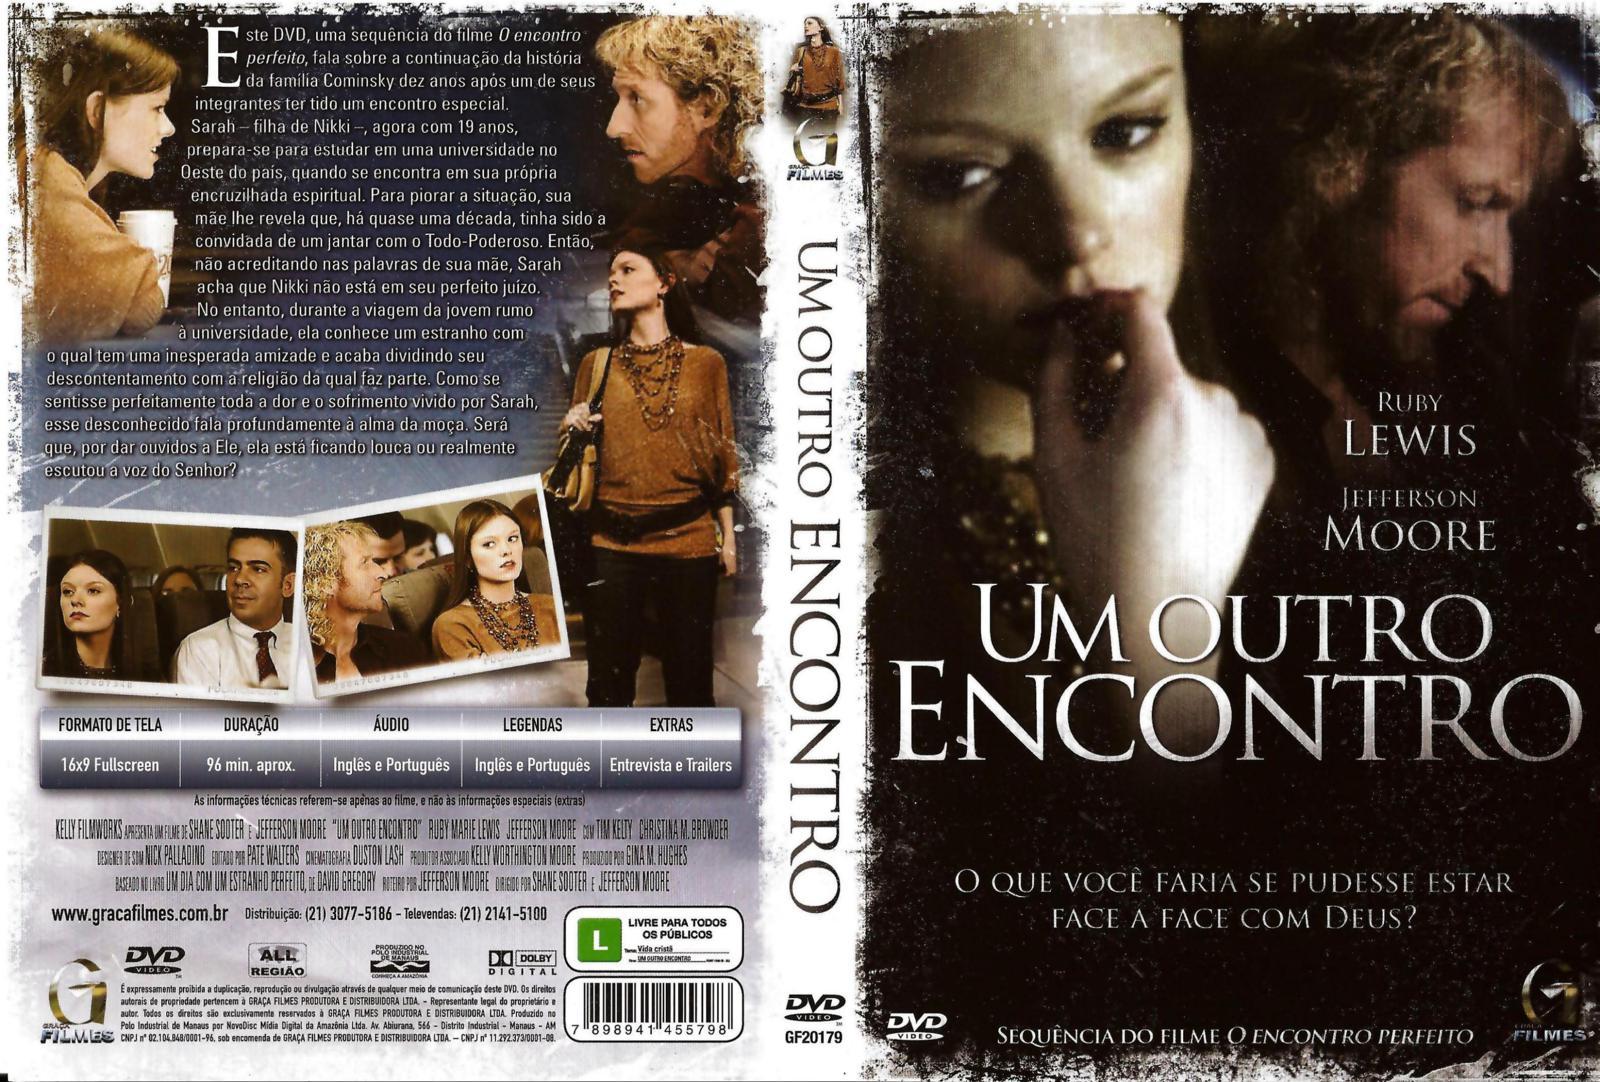 Resultado de imagem para Um Outro Encontro capa dvd